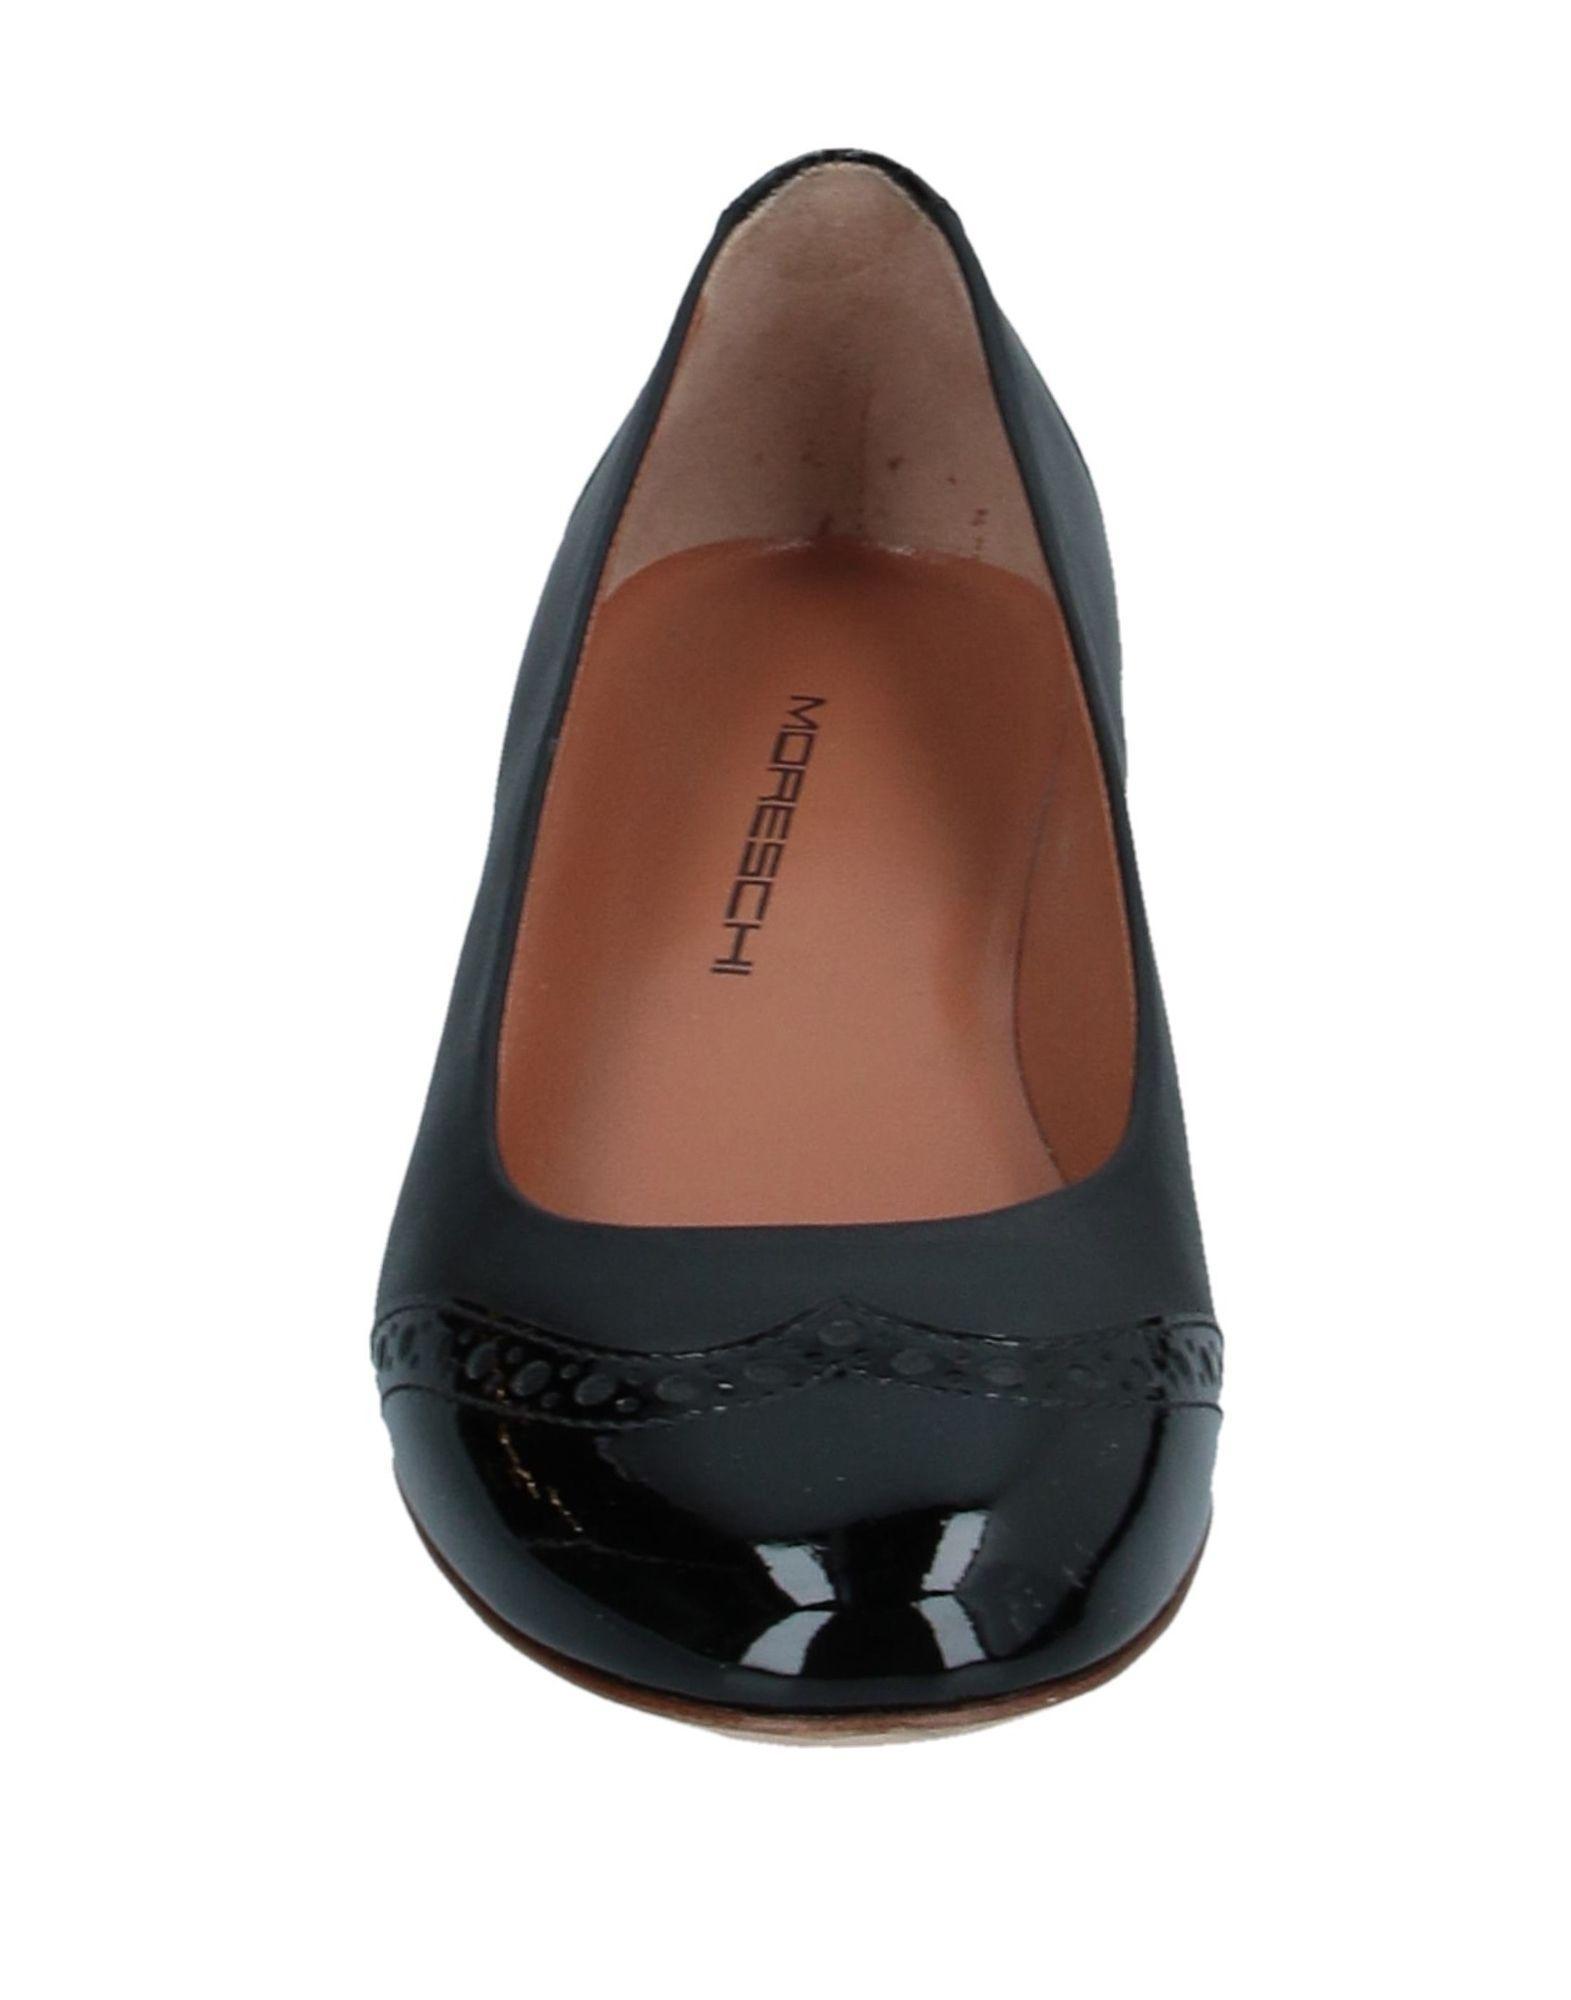 Bailarinas Moreschi de color Negro